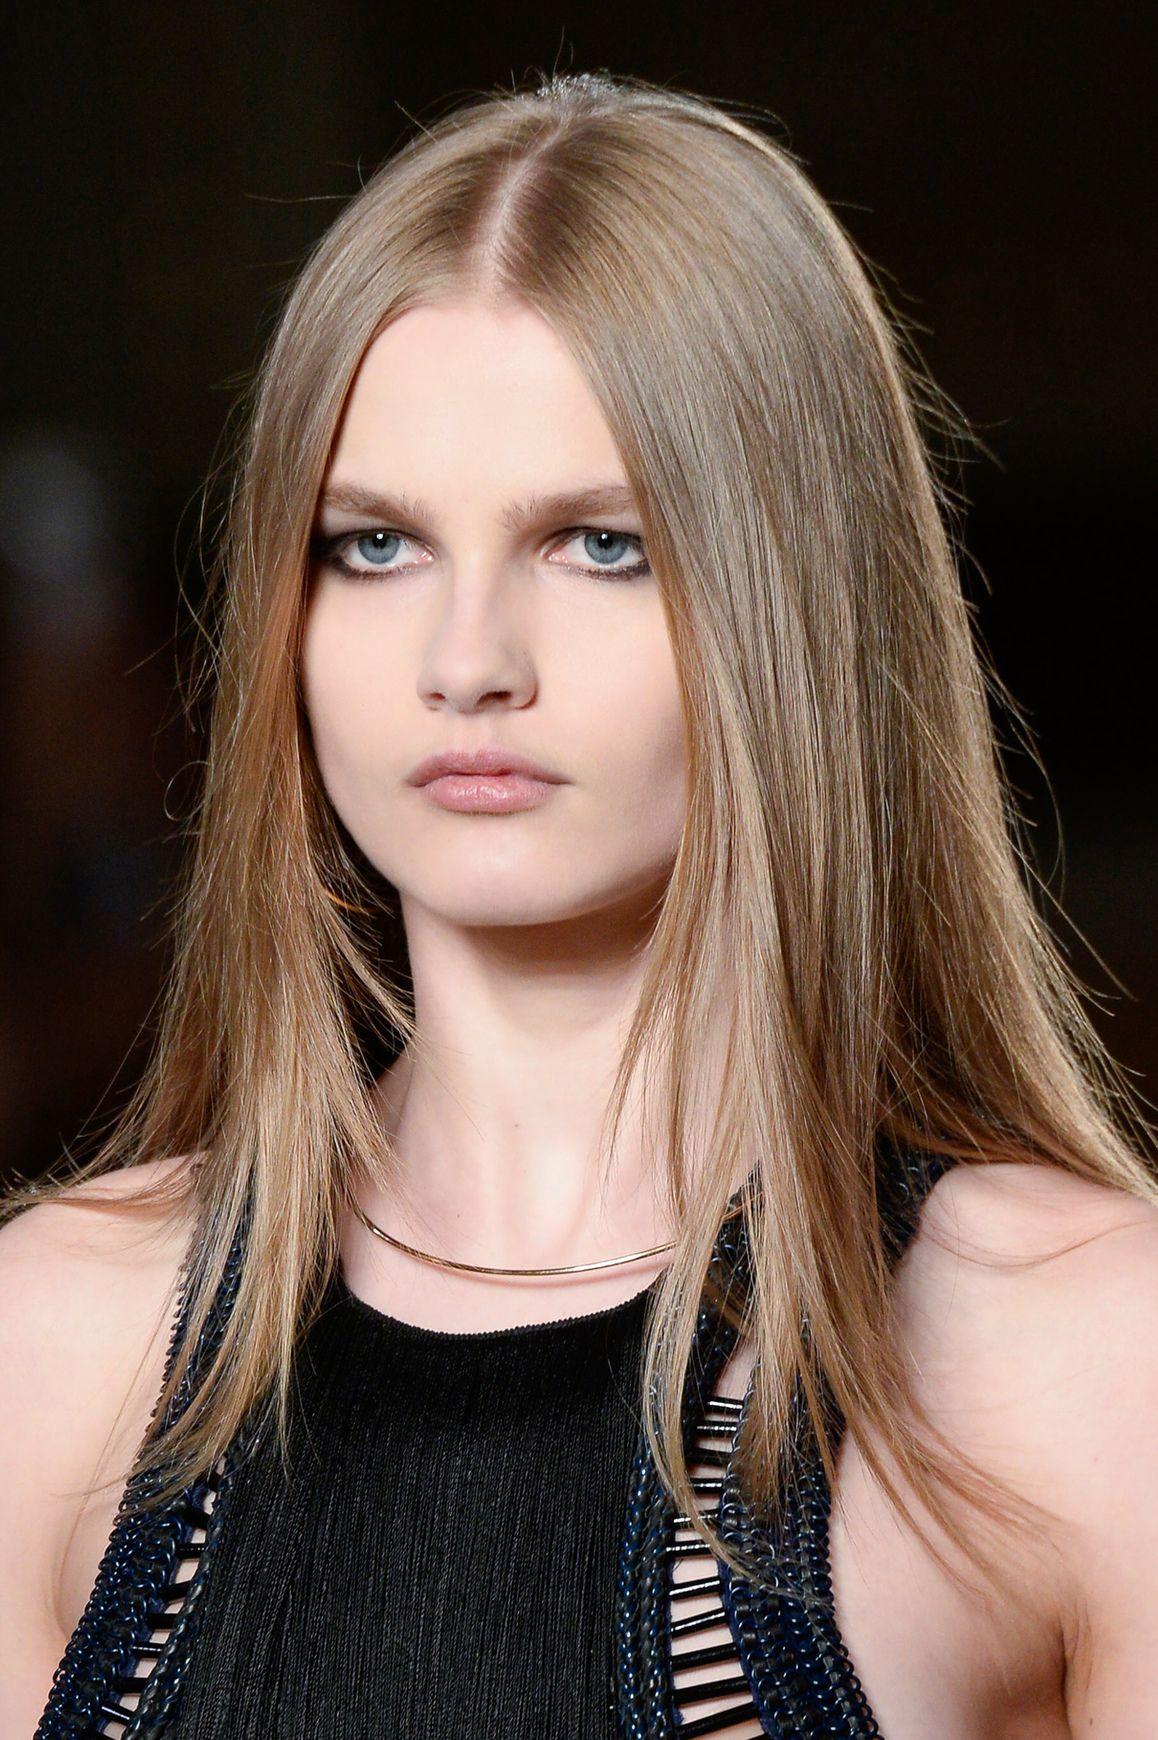 Favoloso Tagli capelli lunghi: segui la moda valorizzando i tuoi lineamenti XE52